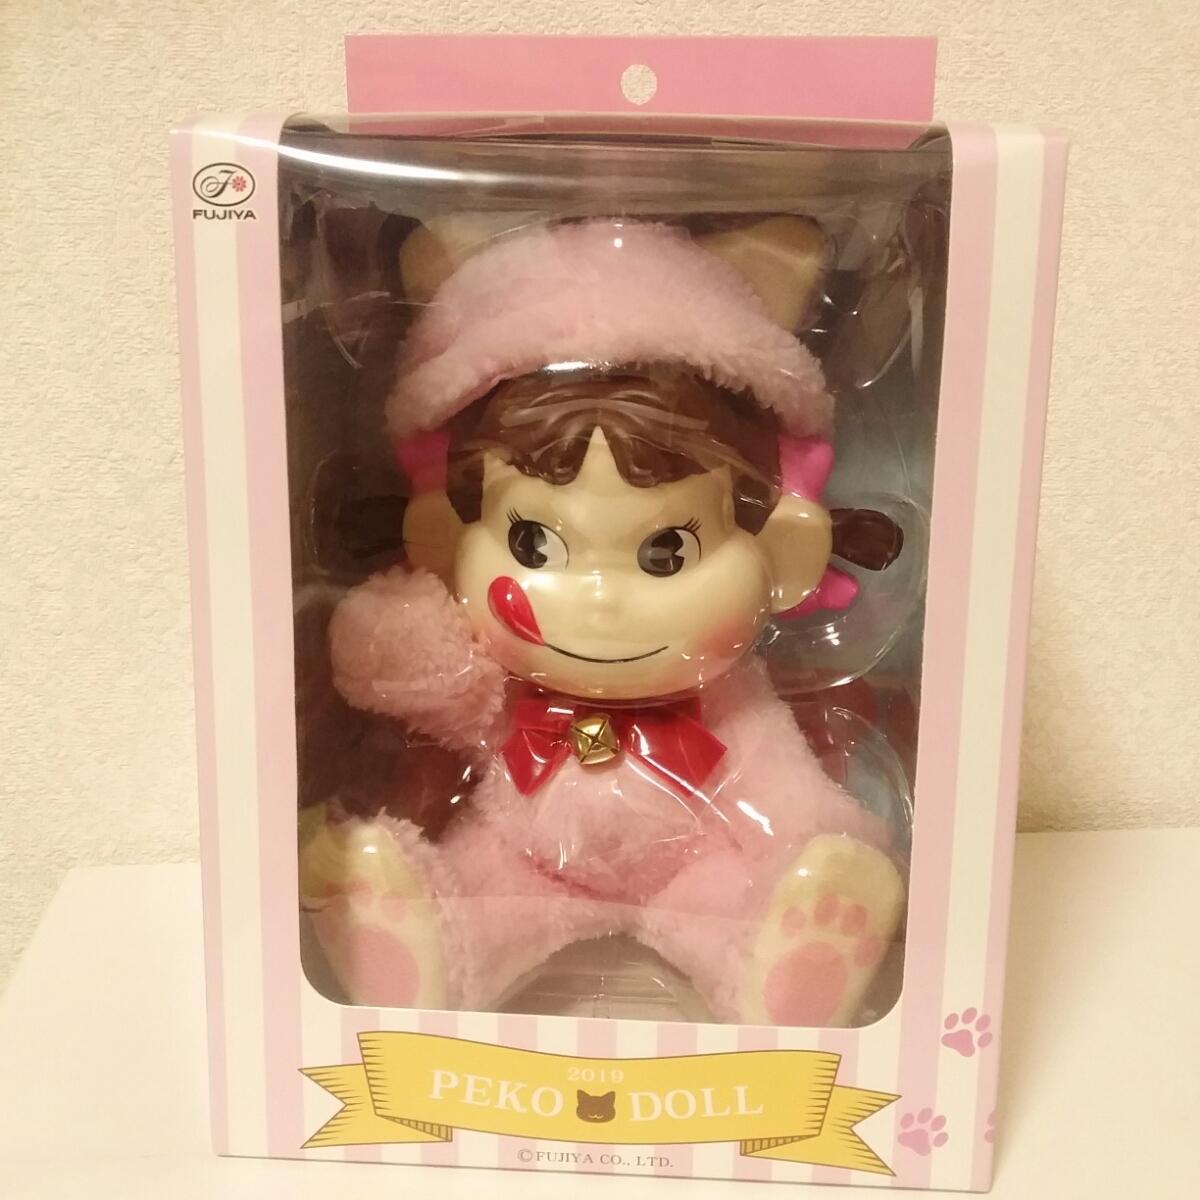 数量限定 PEKO DOLL ペコドール ペコちゃん 人形 猫 ピンク 着ぐるみ セブンイレブン 不二家 限定 ぬいぐるみ ミルキー プレゼント_画像2